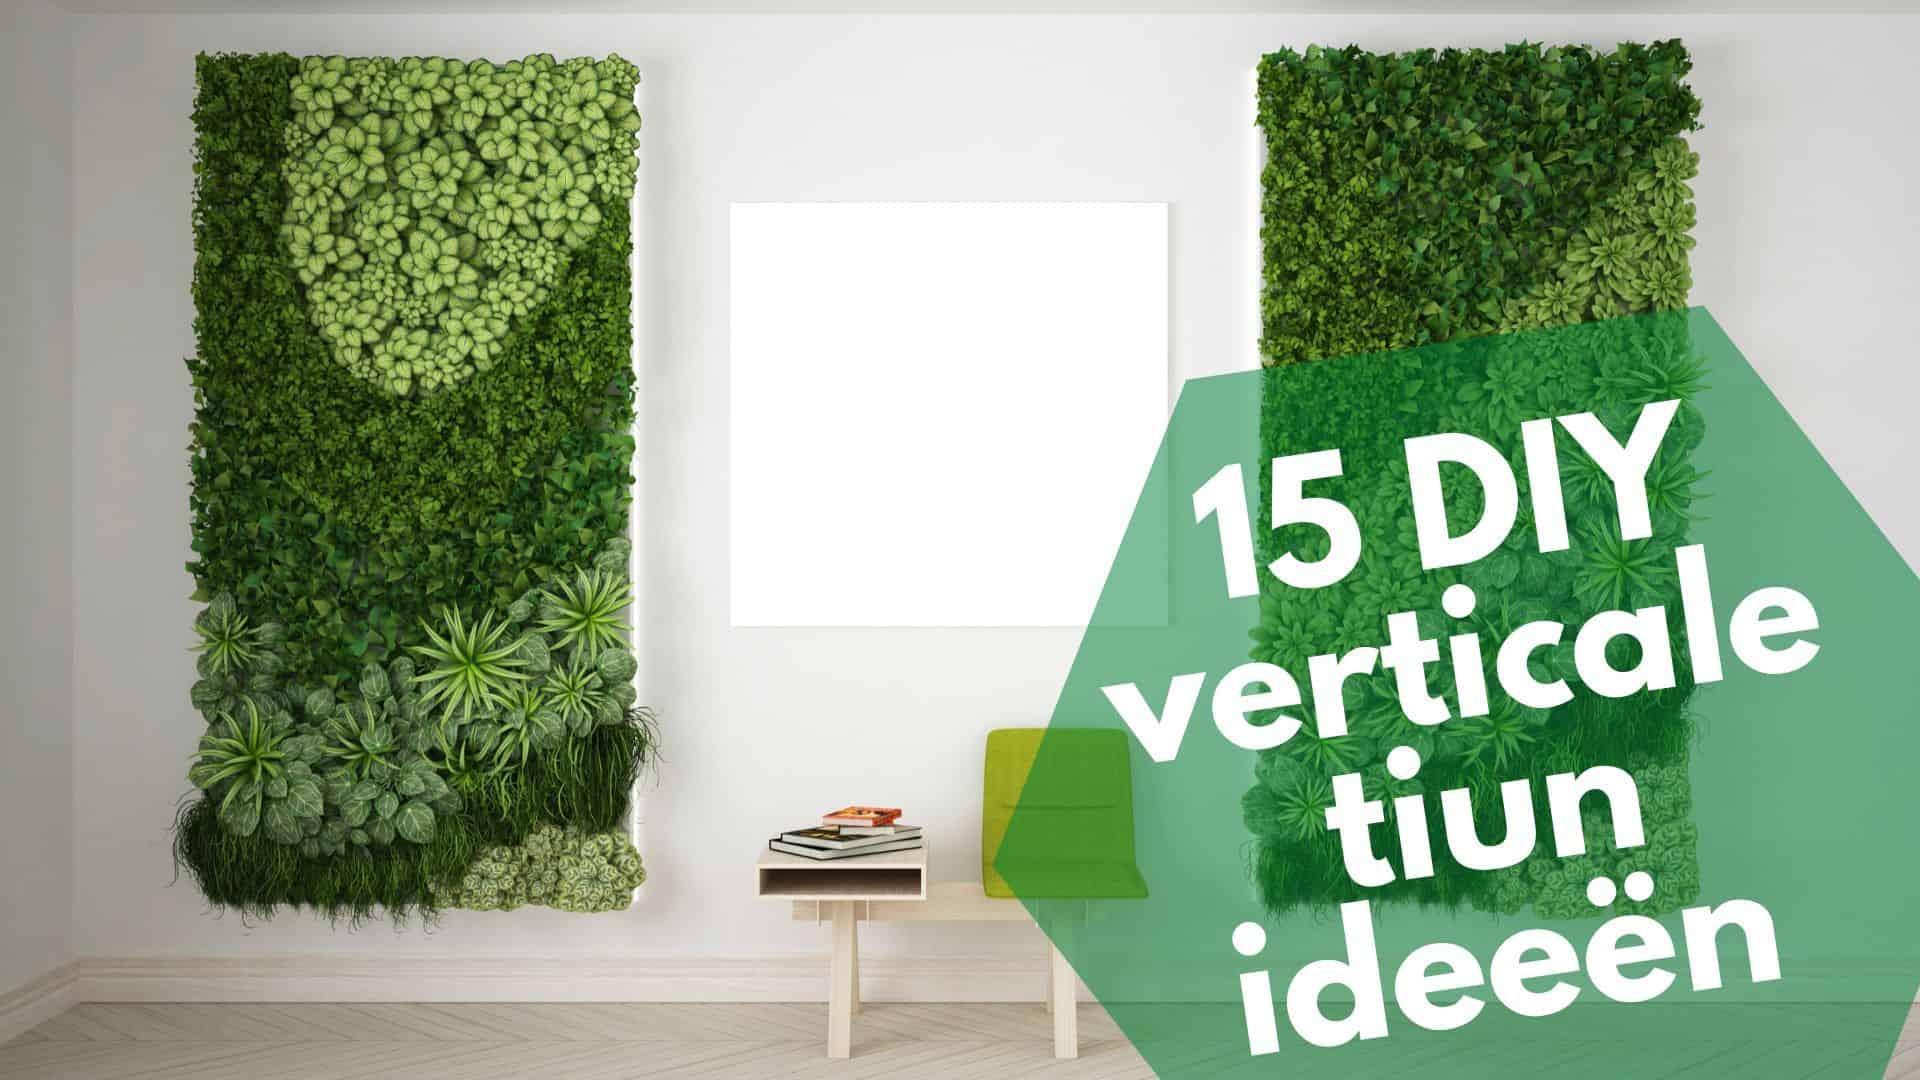 15 DIY verticale tuin ideeën voor binnen | Tuinier omhoog